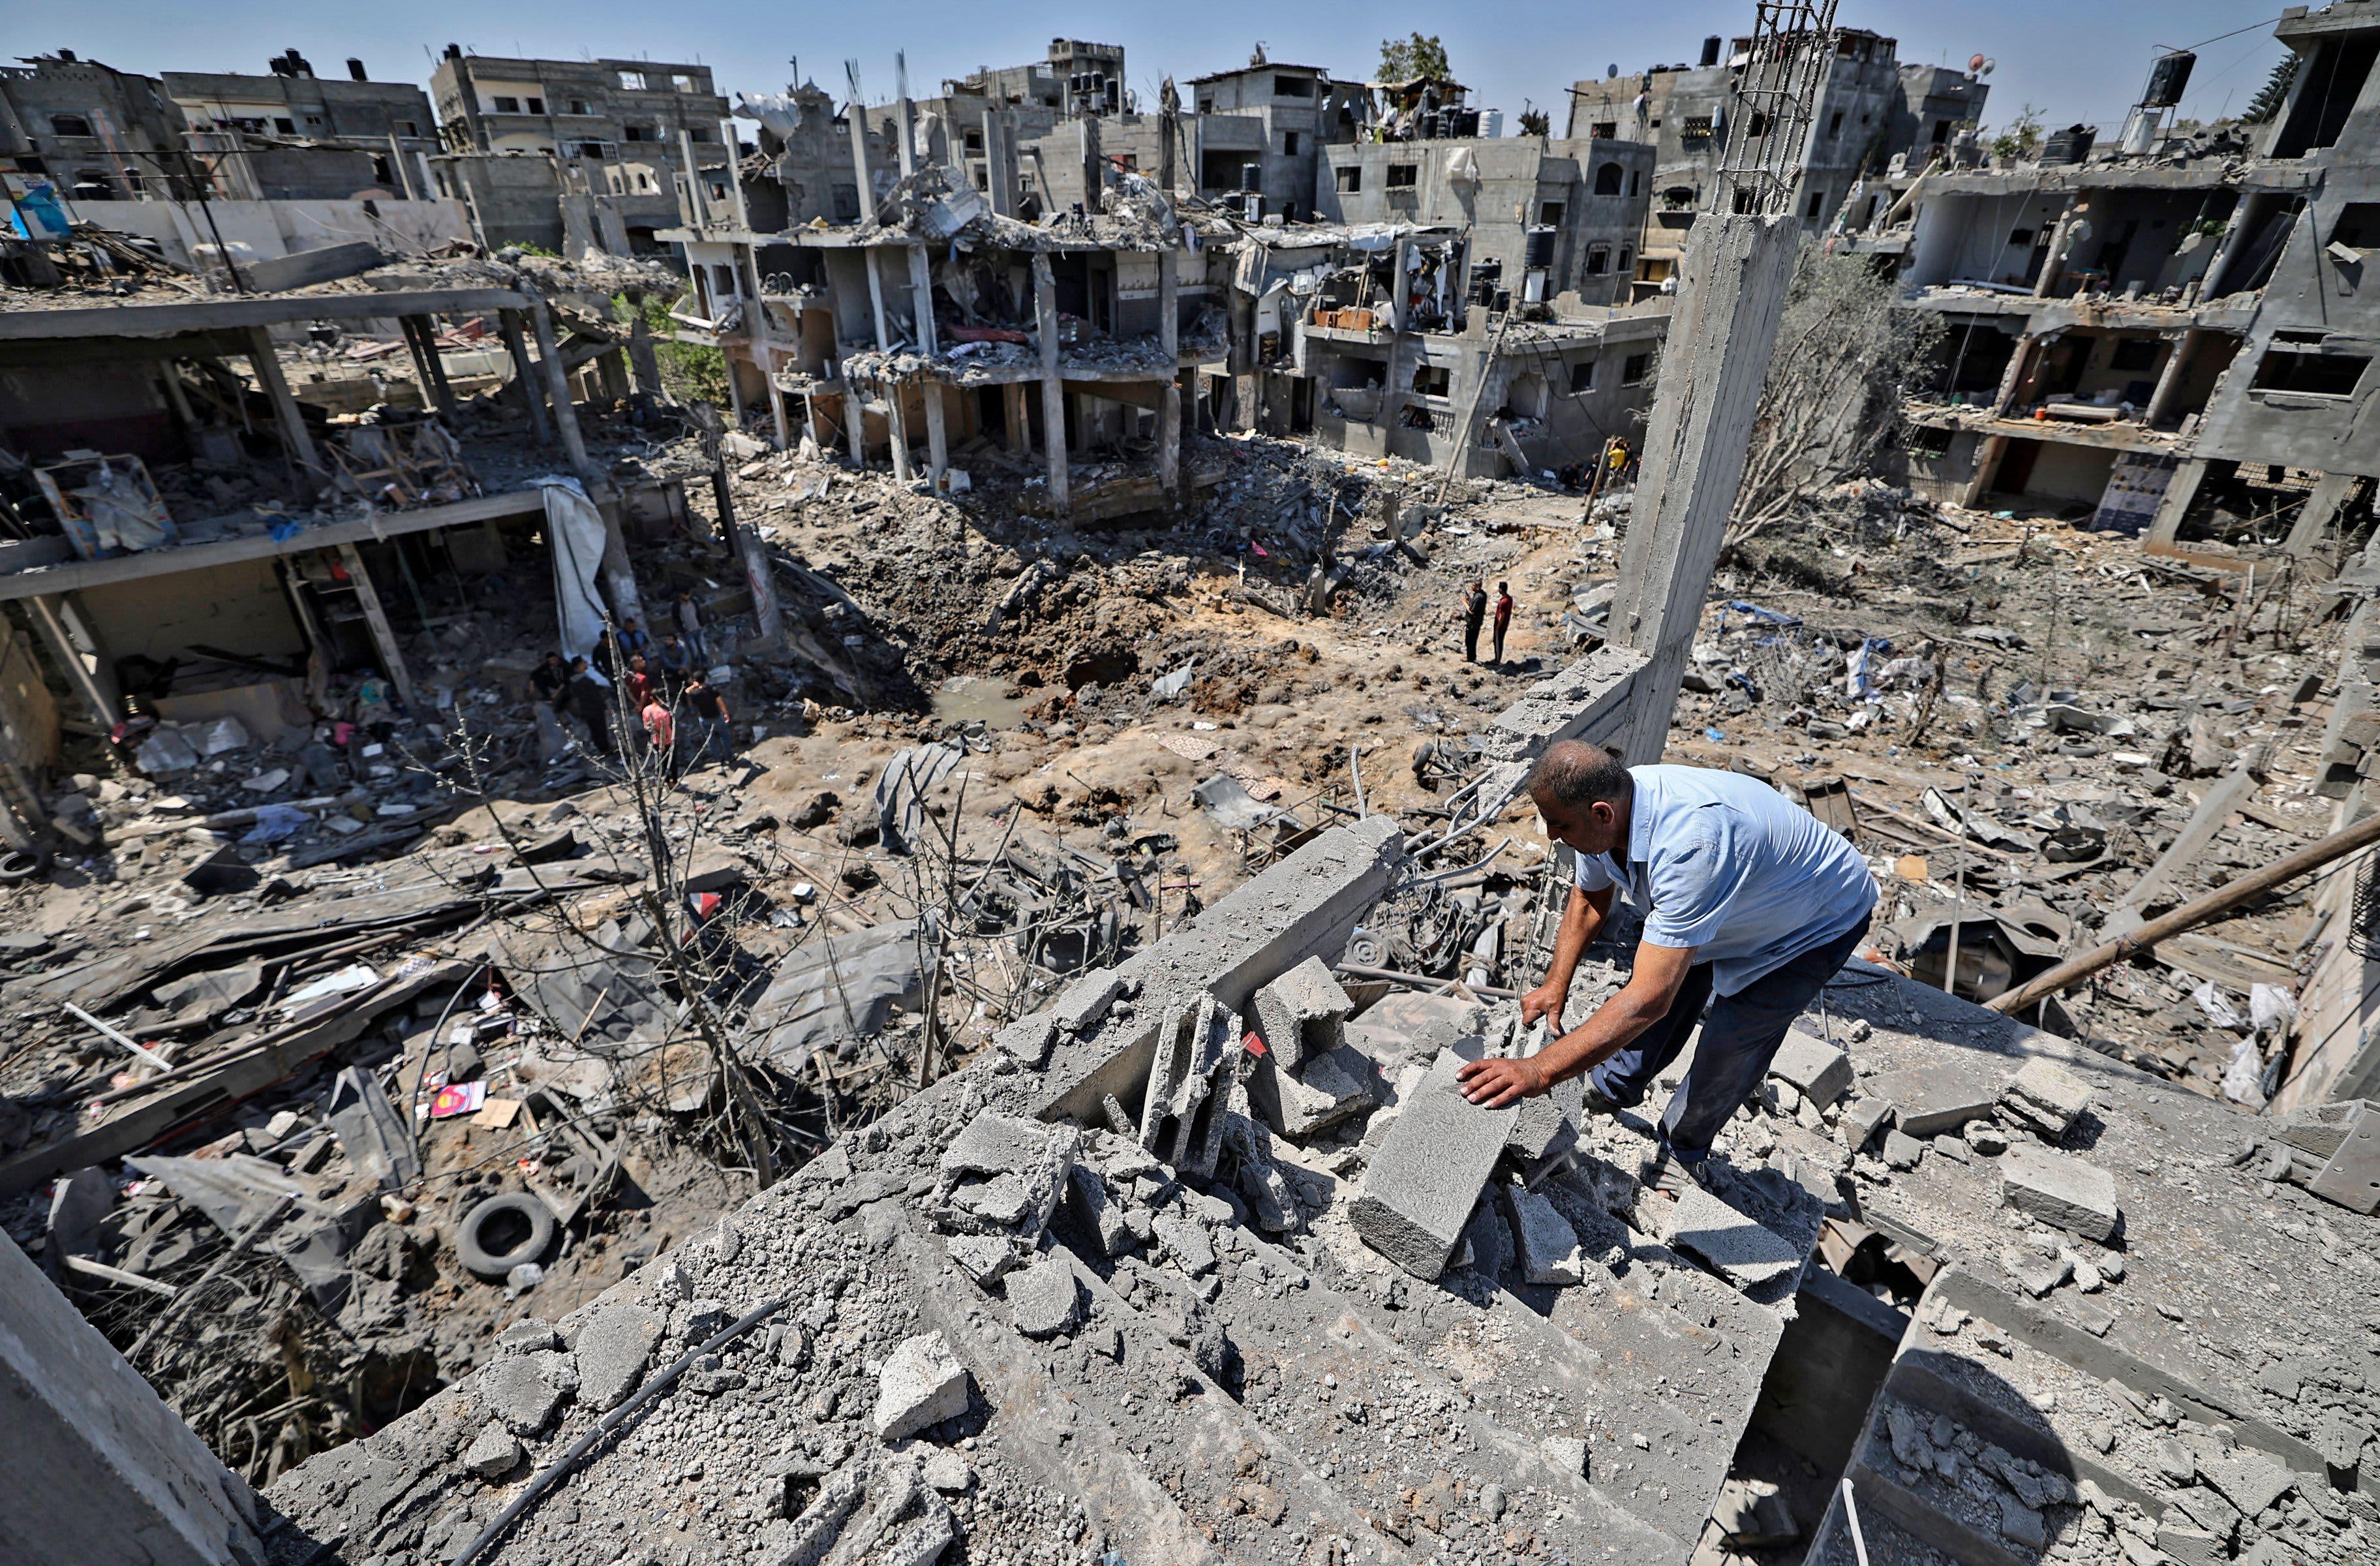 Kekerasan mematikan meningkat di Jalur Gaza dan Israel saat Biden mendesak de-eskalasi thumbnail